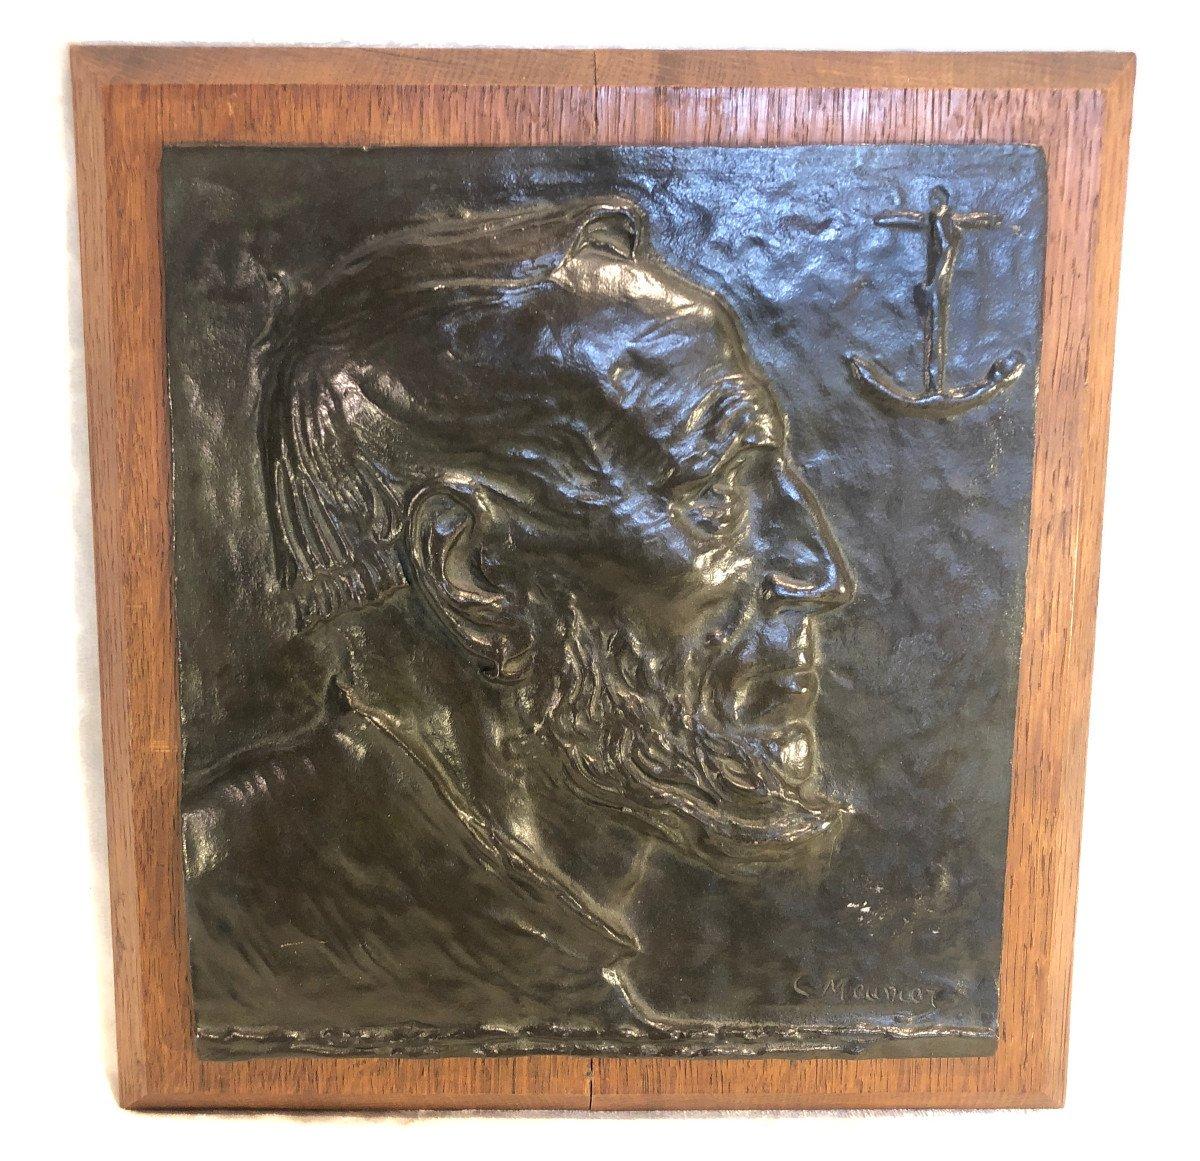 Plaque En Bronze Sur Bois - Constantin Meunier - Portrait De Profil d'Un Pecheur - Dim. 29 X 26